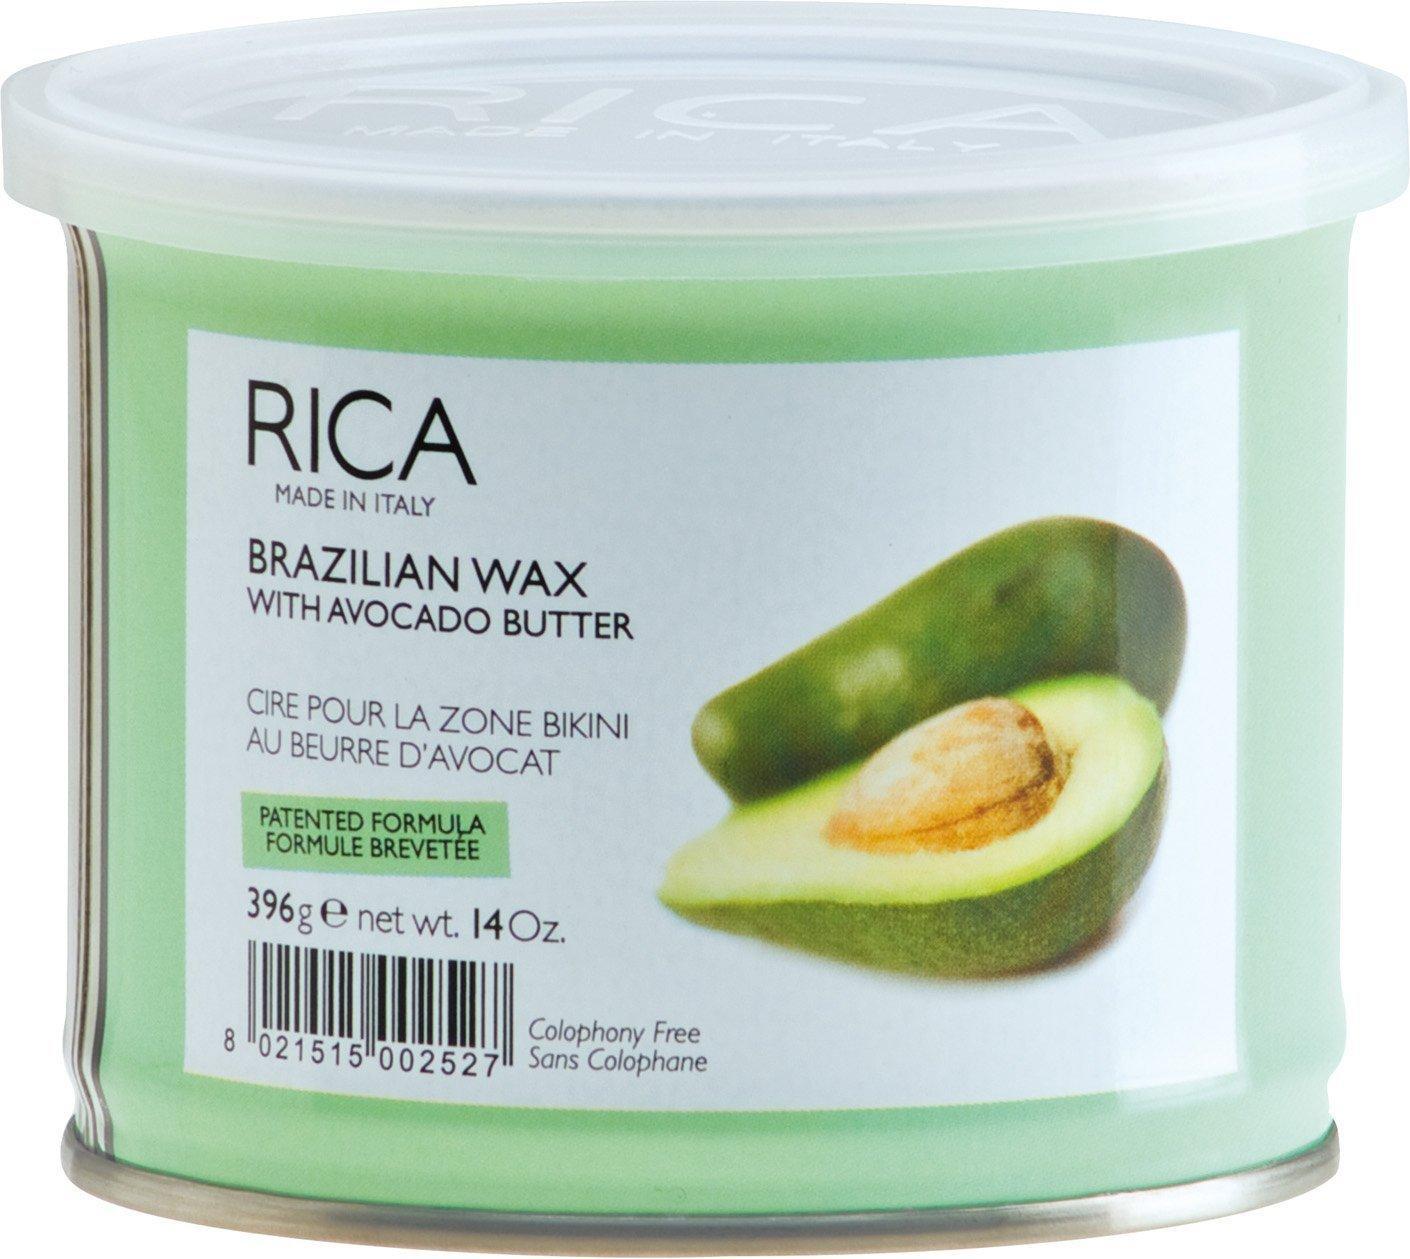 rica-brazilian-wax